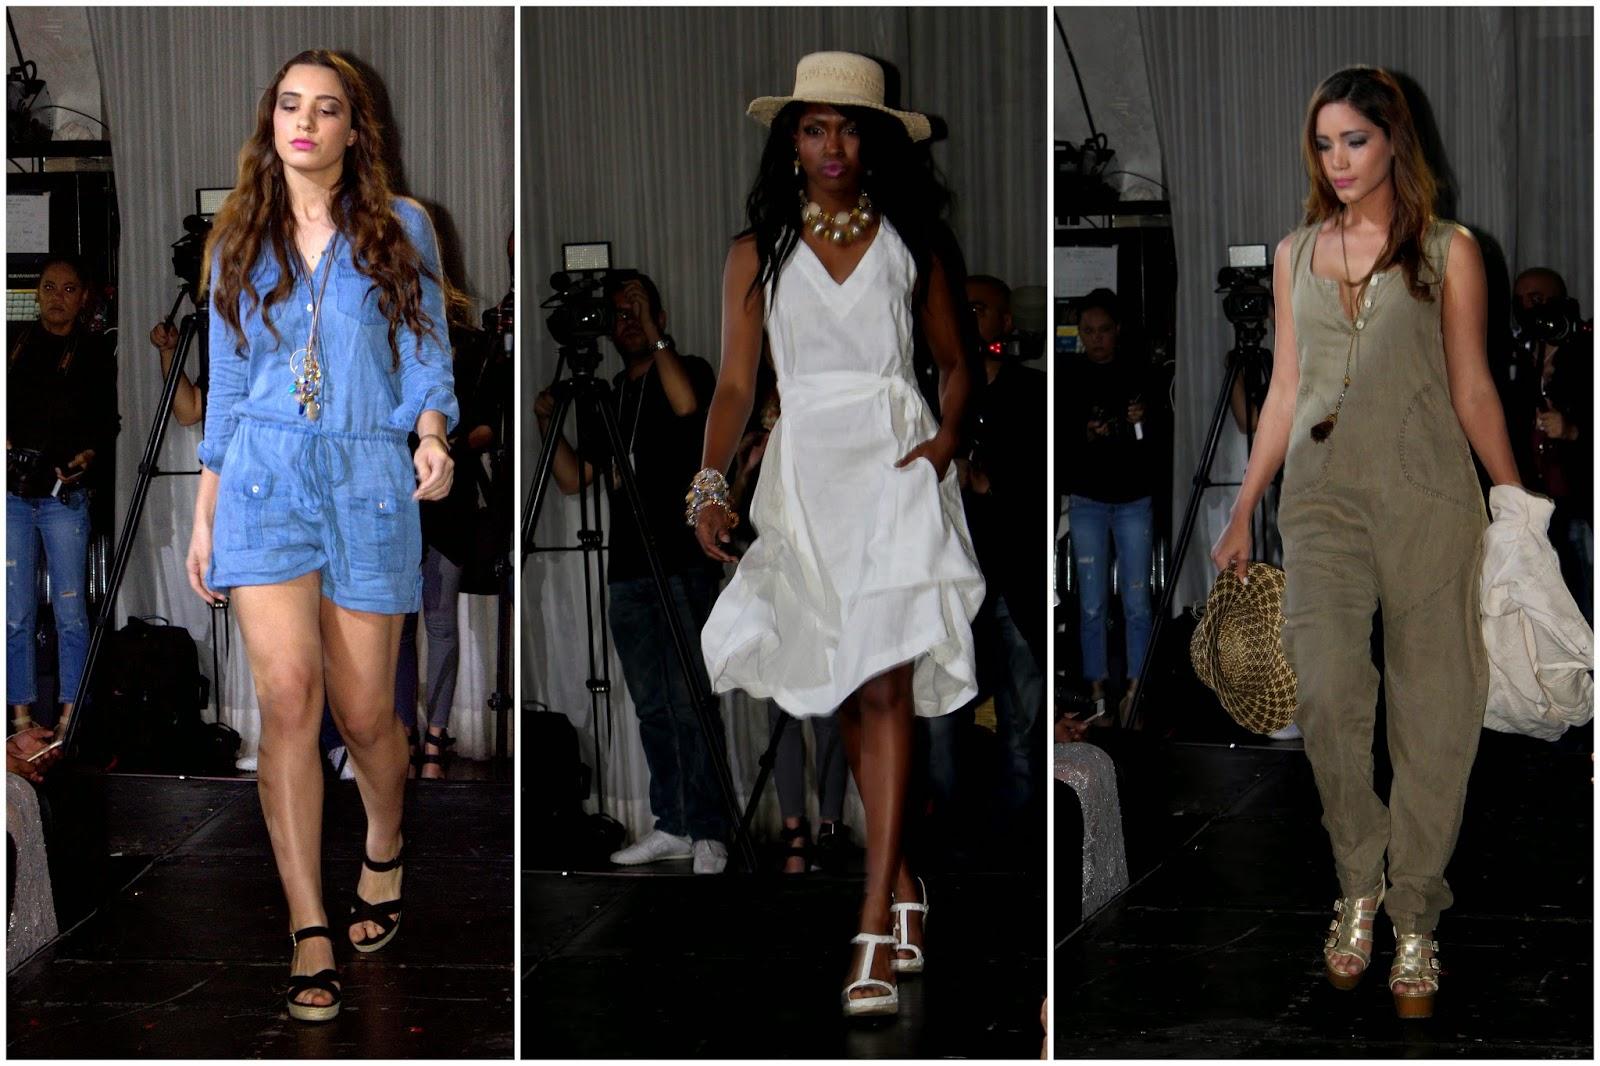 Latino Fashion Week Returns to Miami with 'Decade of Elegance Tour'